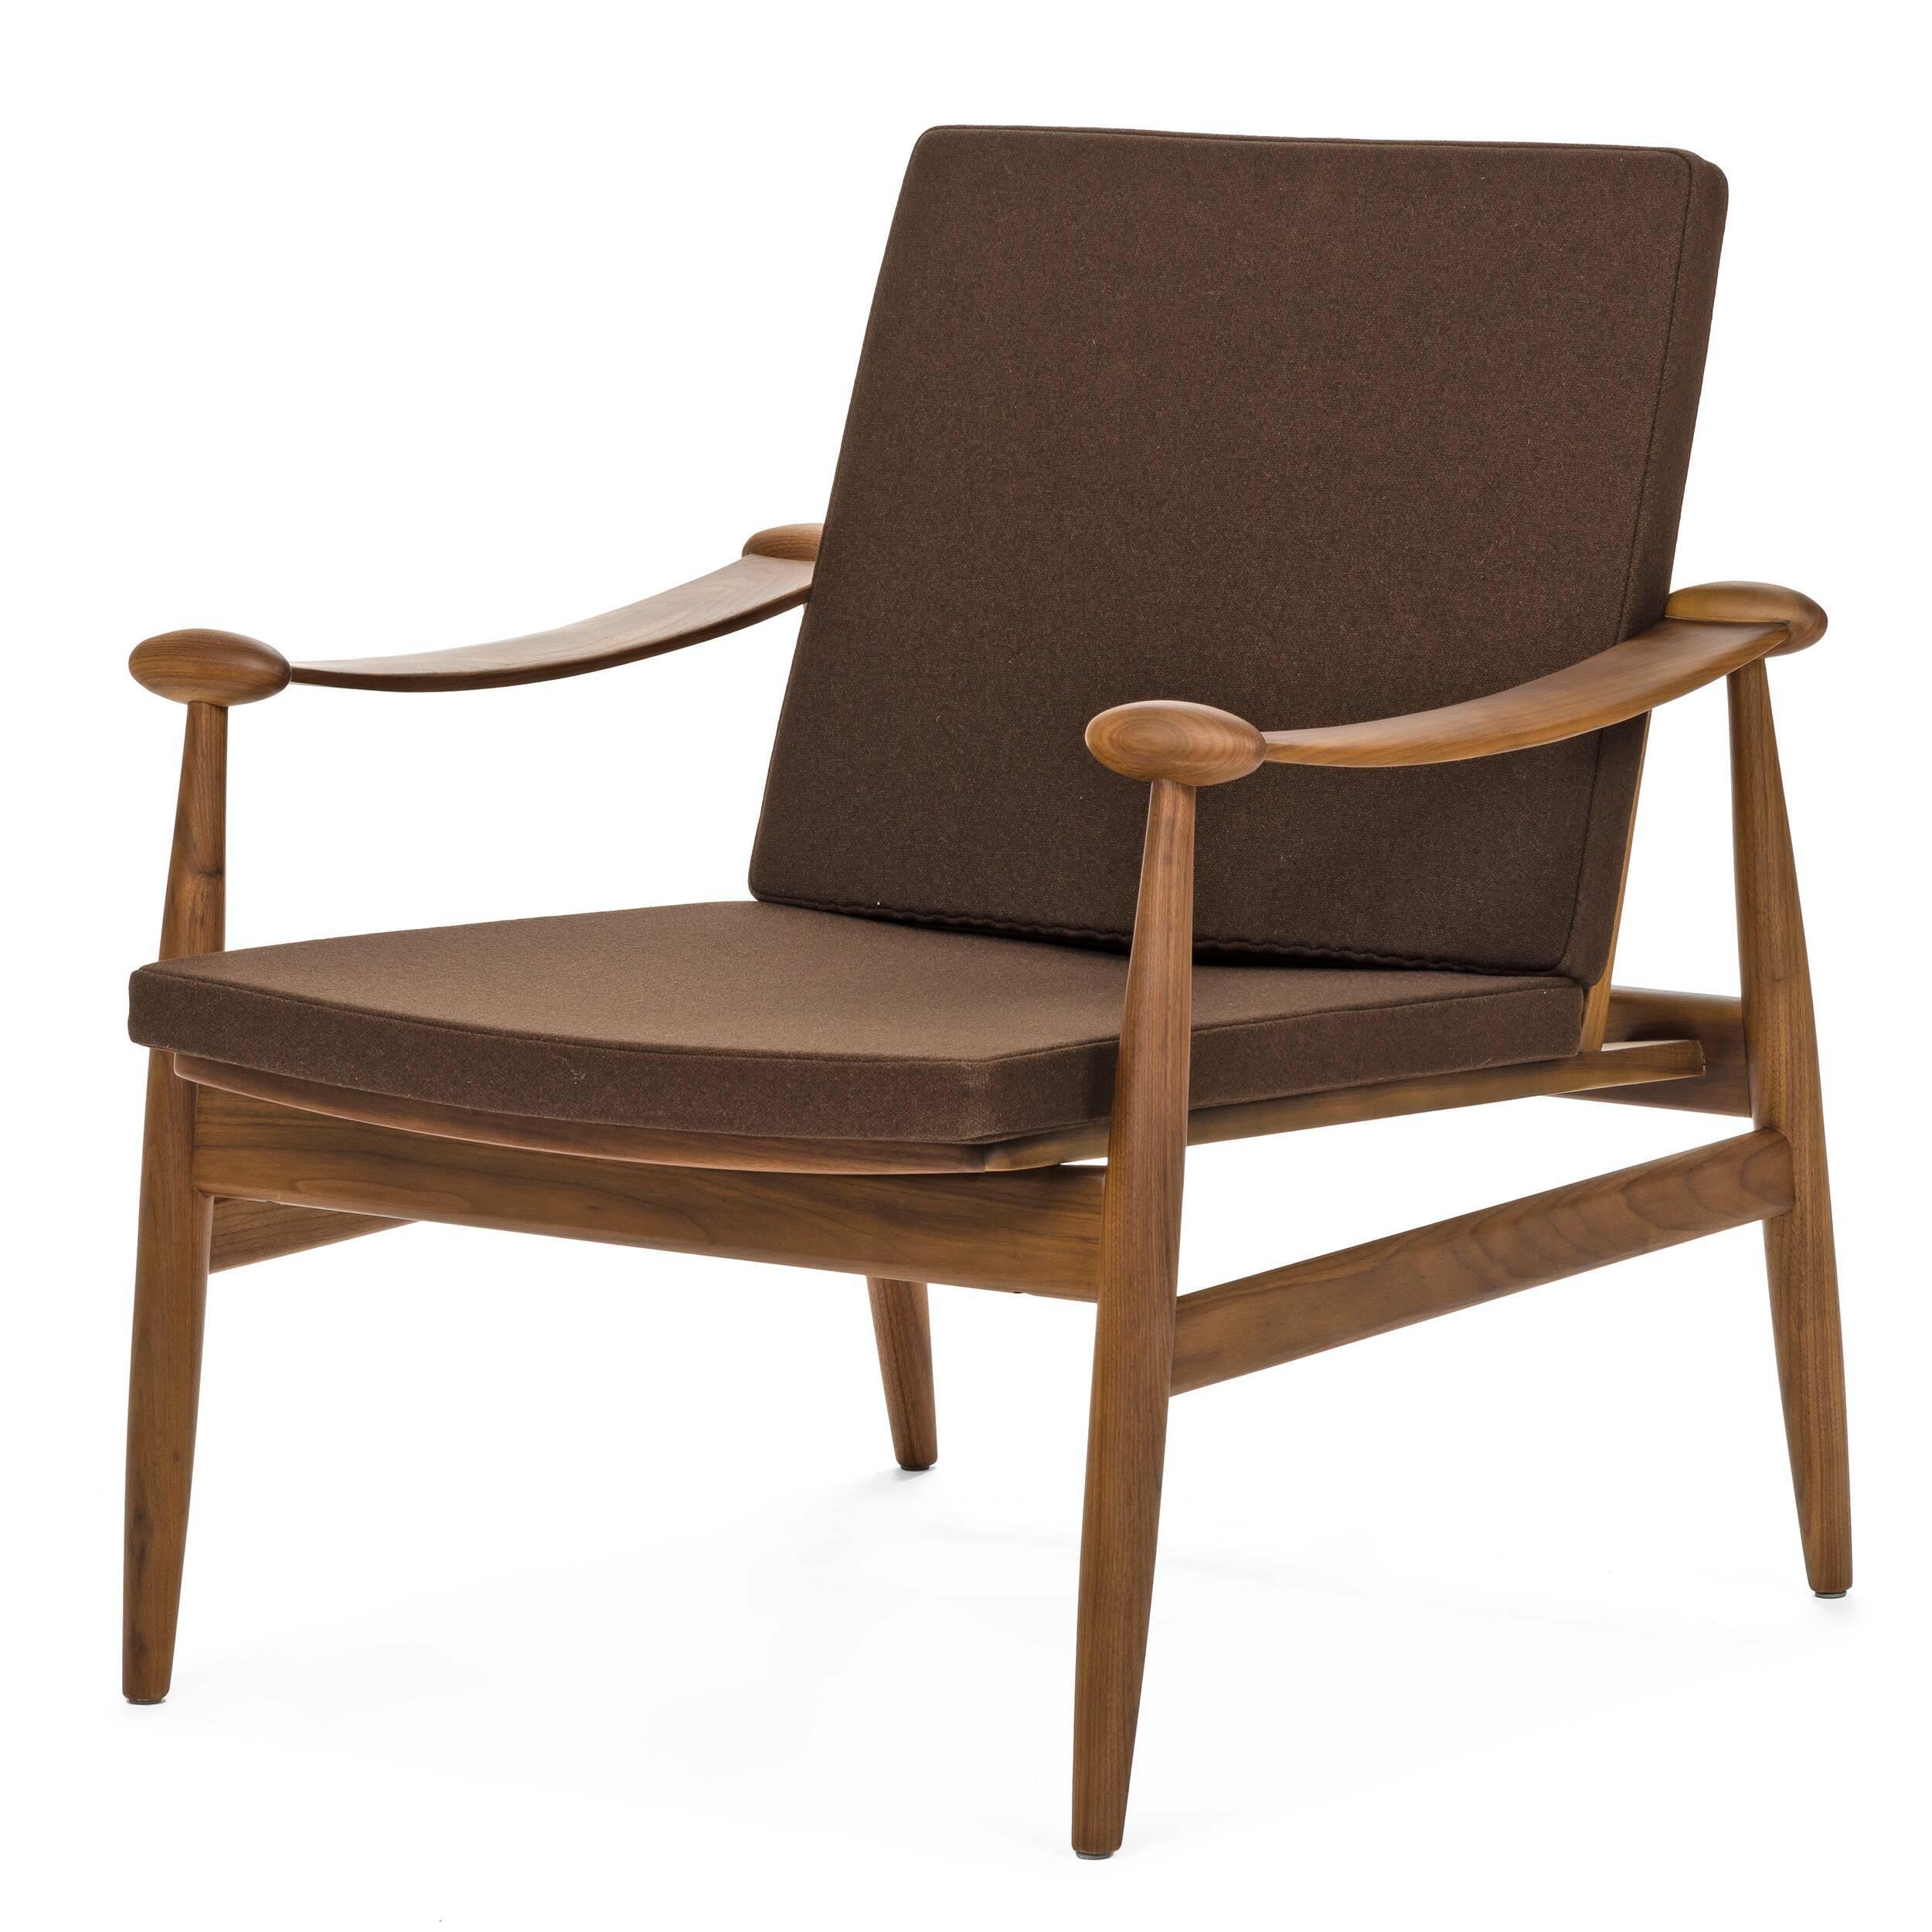 Кресло SpadeИнтерьерные<br>Дизайнерское легкое классическое кресло Spade (Спейд) с деревянным каркасом от Cosmo (Космо).<br><br><br> Кресло для отдыха с подлокотниками с простым и современным дизайном.<br><br><br> Кресло Spade первоначально было разработано в 1954 году. Это была первая работа Финна Юля, датского дизайнера, новатора своего времени. Настоящий датский шедевр ручной работы, предназначенный для массового производства. Кресло Spade создано по лекалам, в которые идеально вписывается человеческое тело, что делает кресл...<br><br>stock: 0<br>Высота: 79,5<br>Высота сиденья: 39<br>Ширина: 74<br>Глубина: 79<br>Материал каркаса: Массив ореха<br>Материал обивки: Шерсть, Нейлон<br>Тип материала каркаса: Дерево<br>Коллекция ткани: T Fabric<br>Тип материала обивки: Ткань<br>Цвет обивки: Коричневый<br>Цвет каркаса: Орех американский